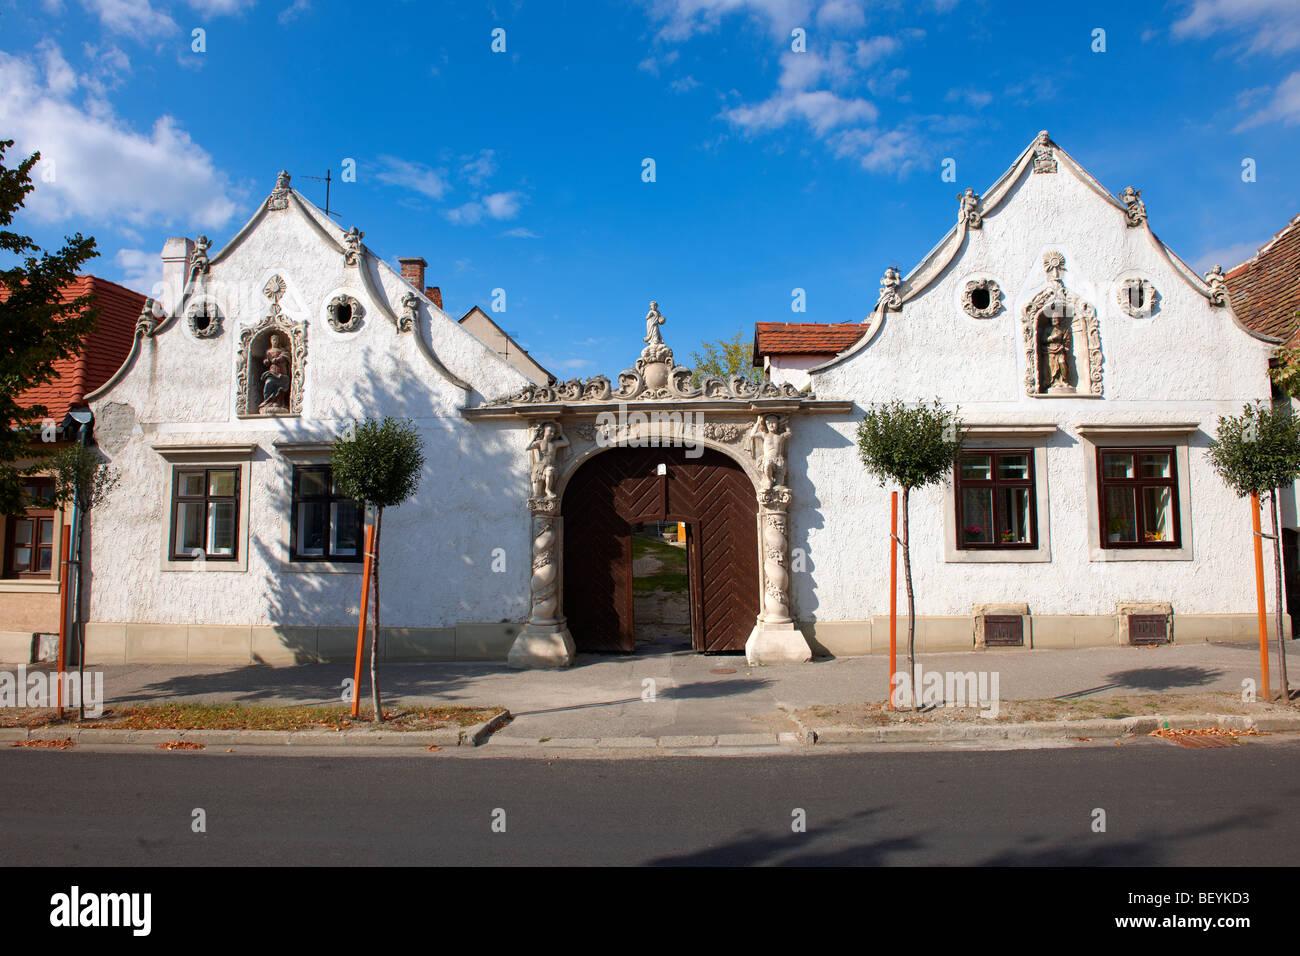 Les deux maures maison. L'architecture baroque rustique - Sopron, Hongrie Photo Stock